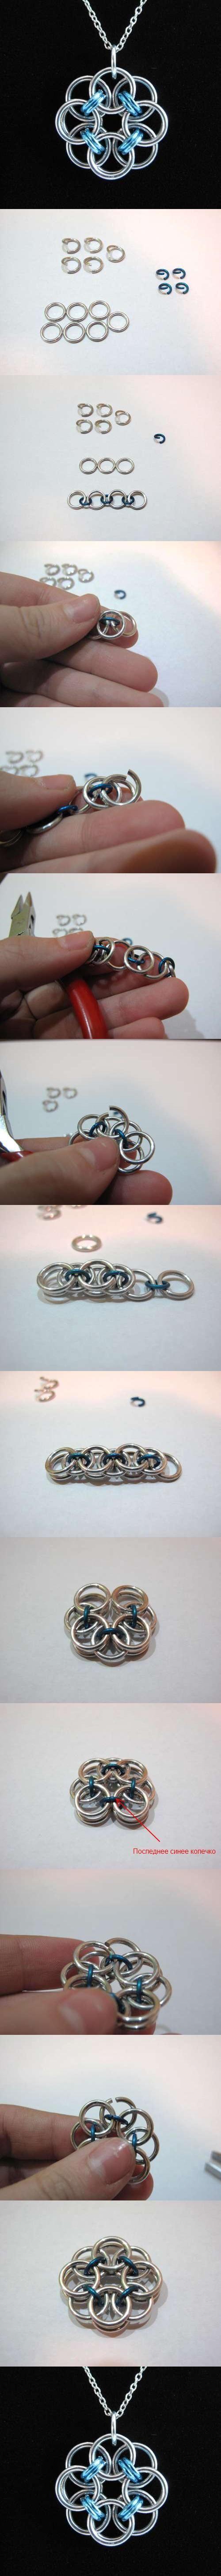 DIY Rose Wire Pendant